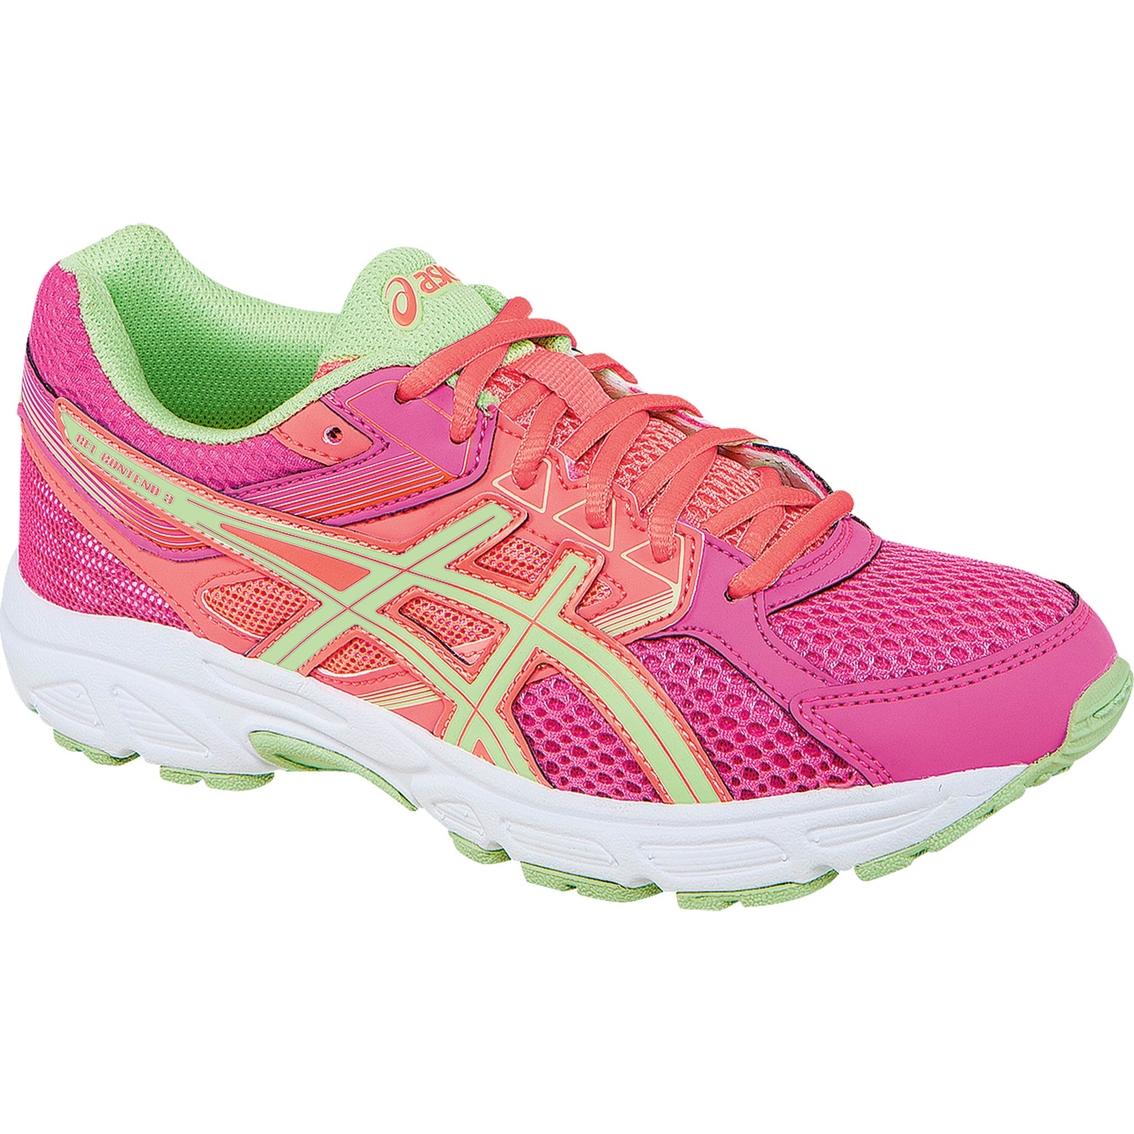 ASICS Girls GEL-Contend 3 Grade School Running Shoes